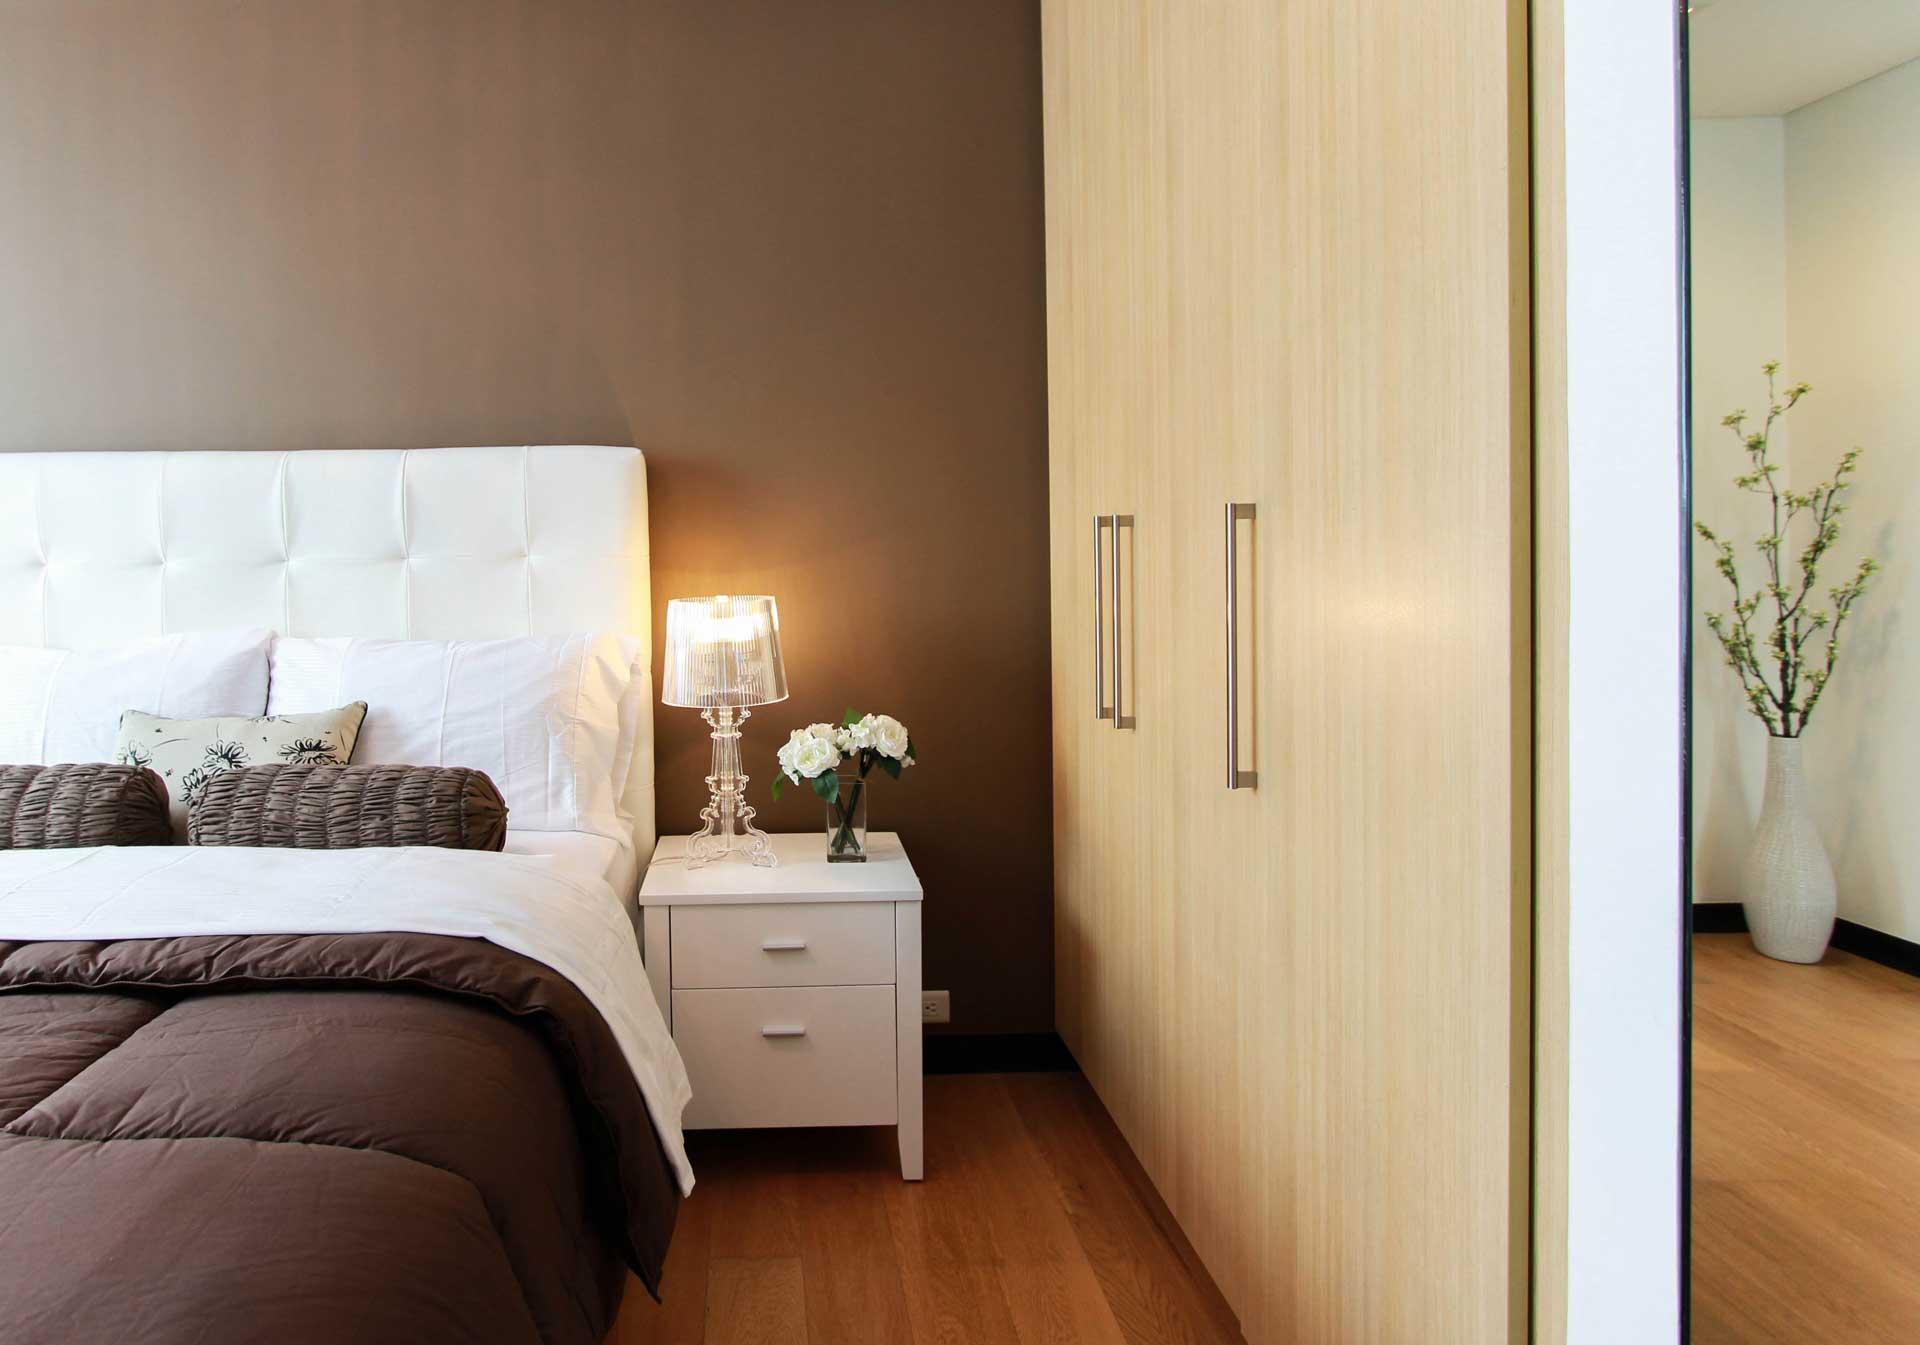 Camera Matrimoniale Dimensioni Minime.7 Consigli Per Rivedere Il Layout Dei Tuoi Ambienti Costruzioni